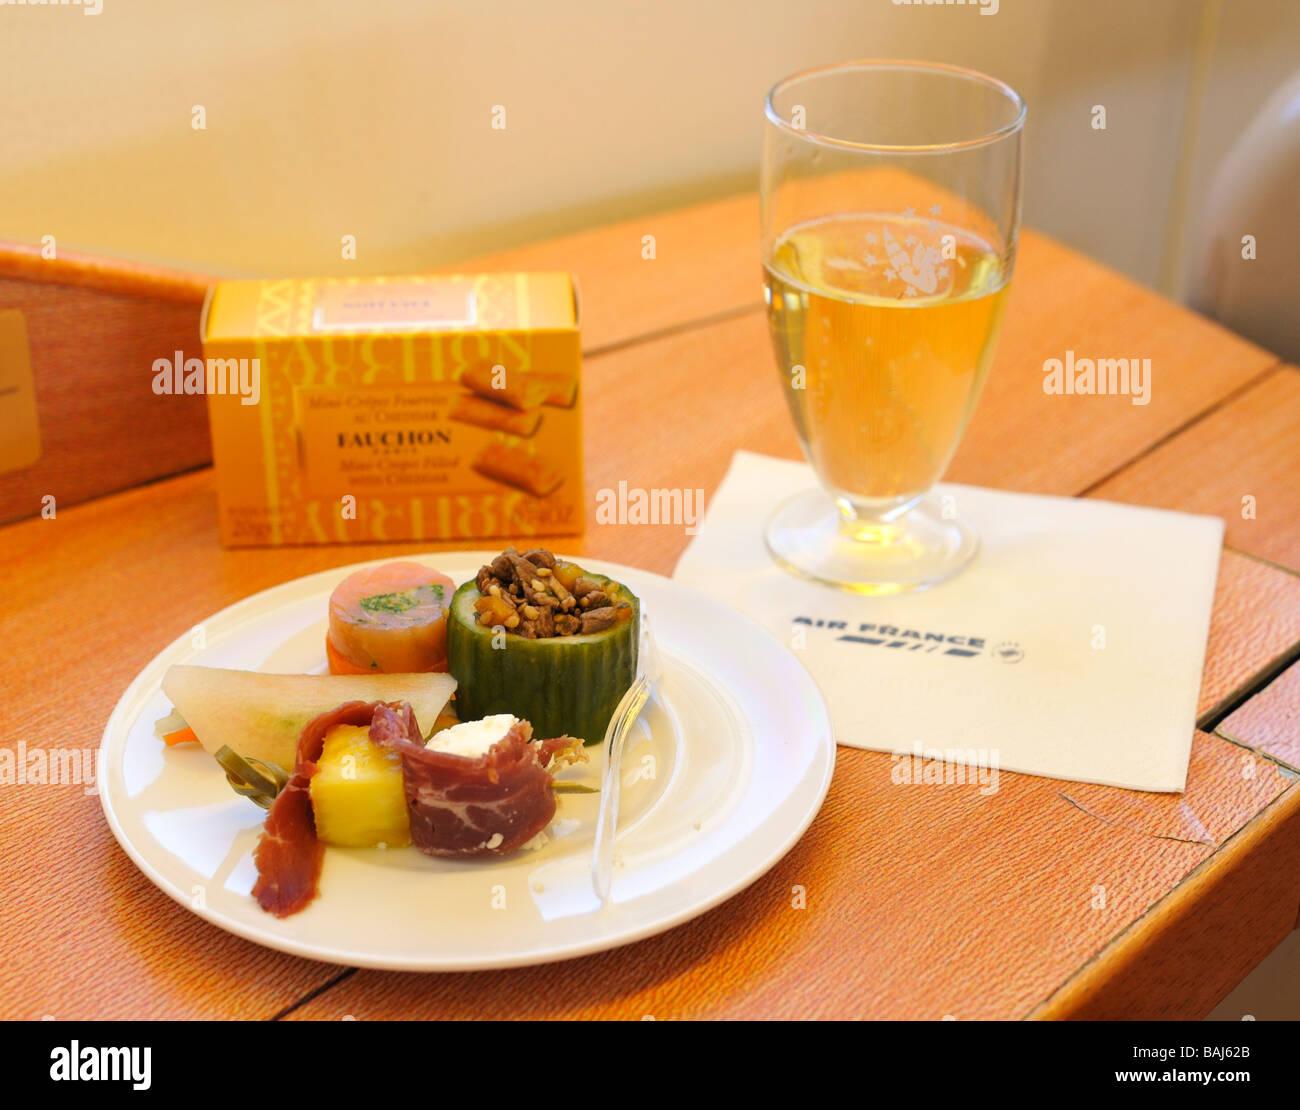 Prima Classe antipasti e Champagne, Air France La Premiere (prima classe) Immagini Stock